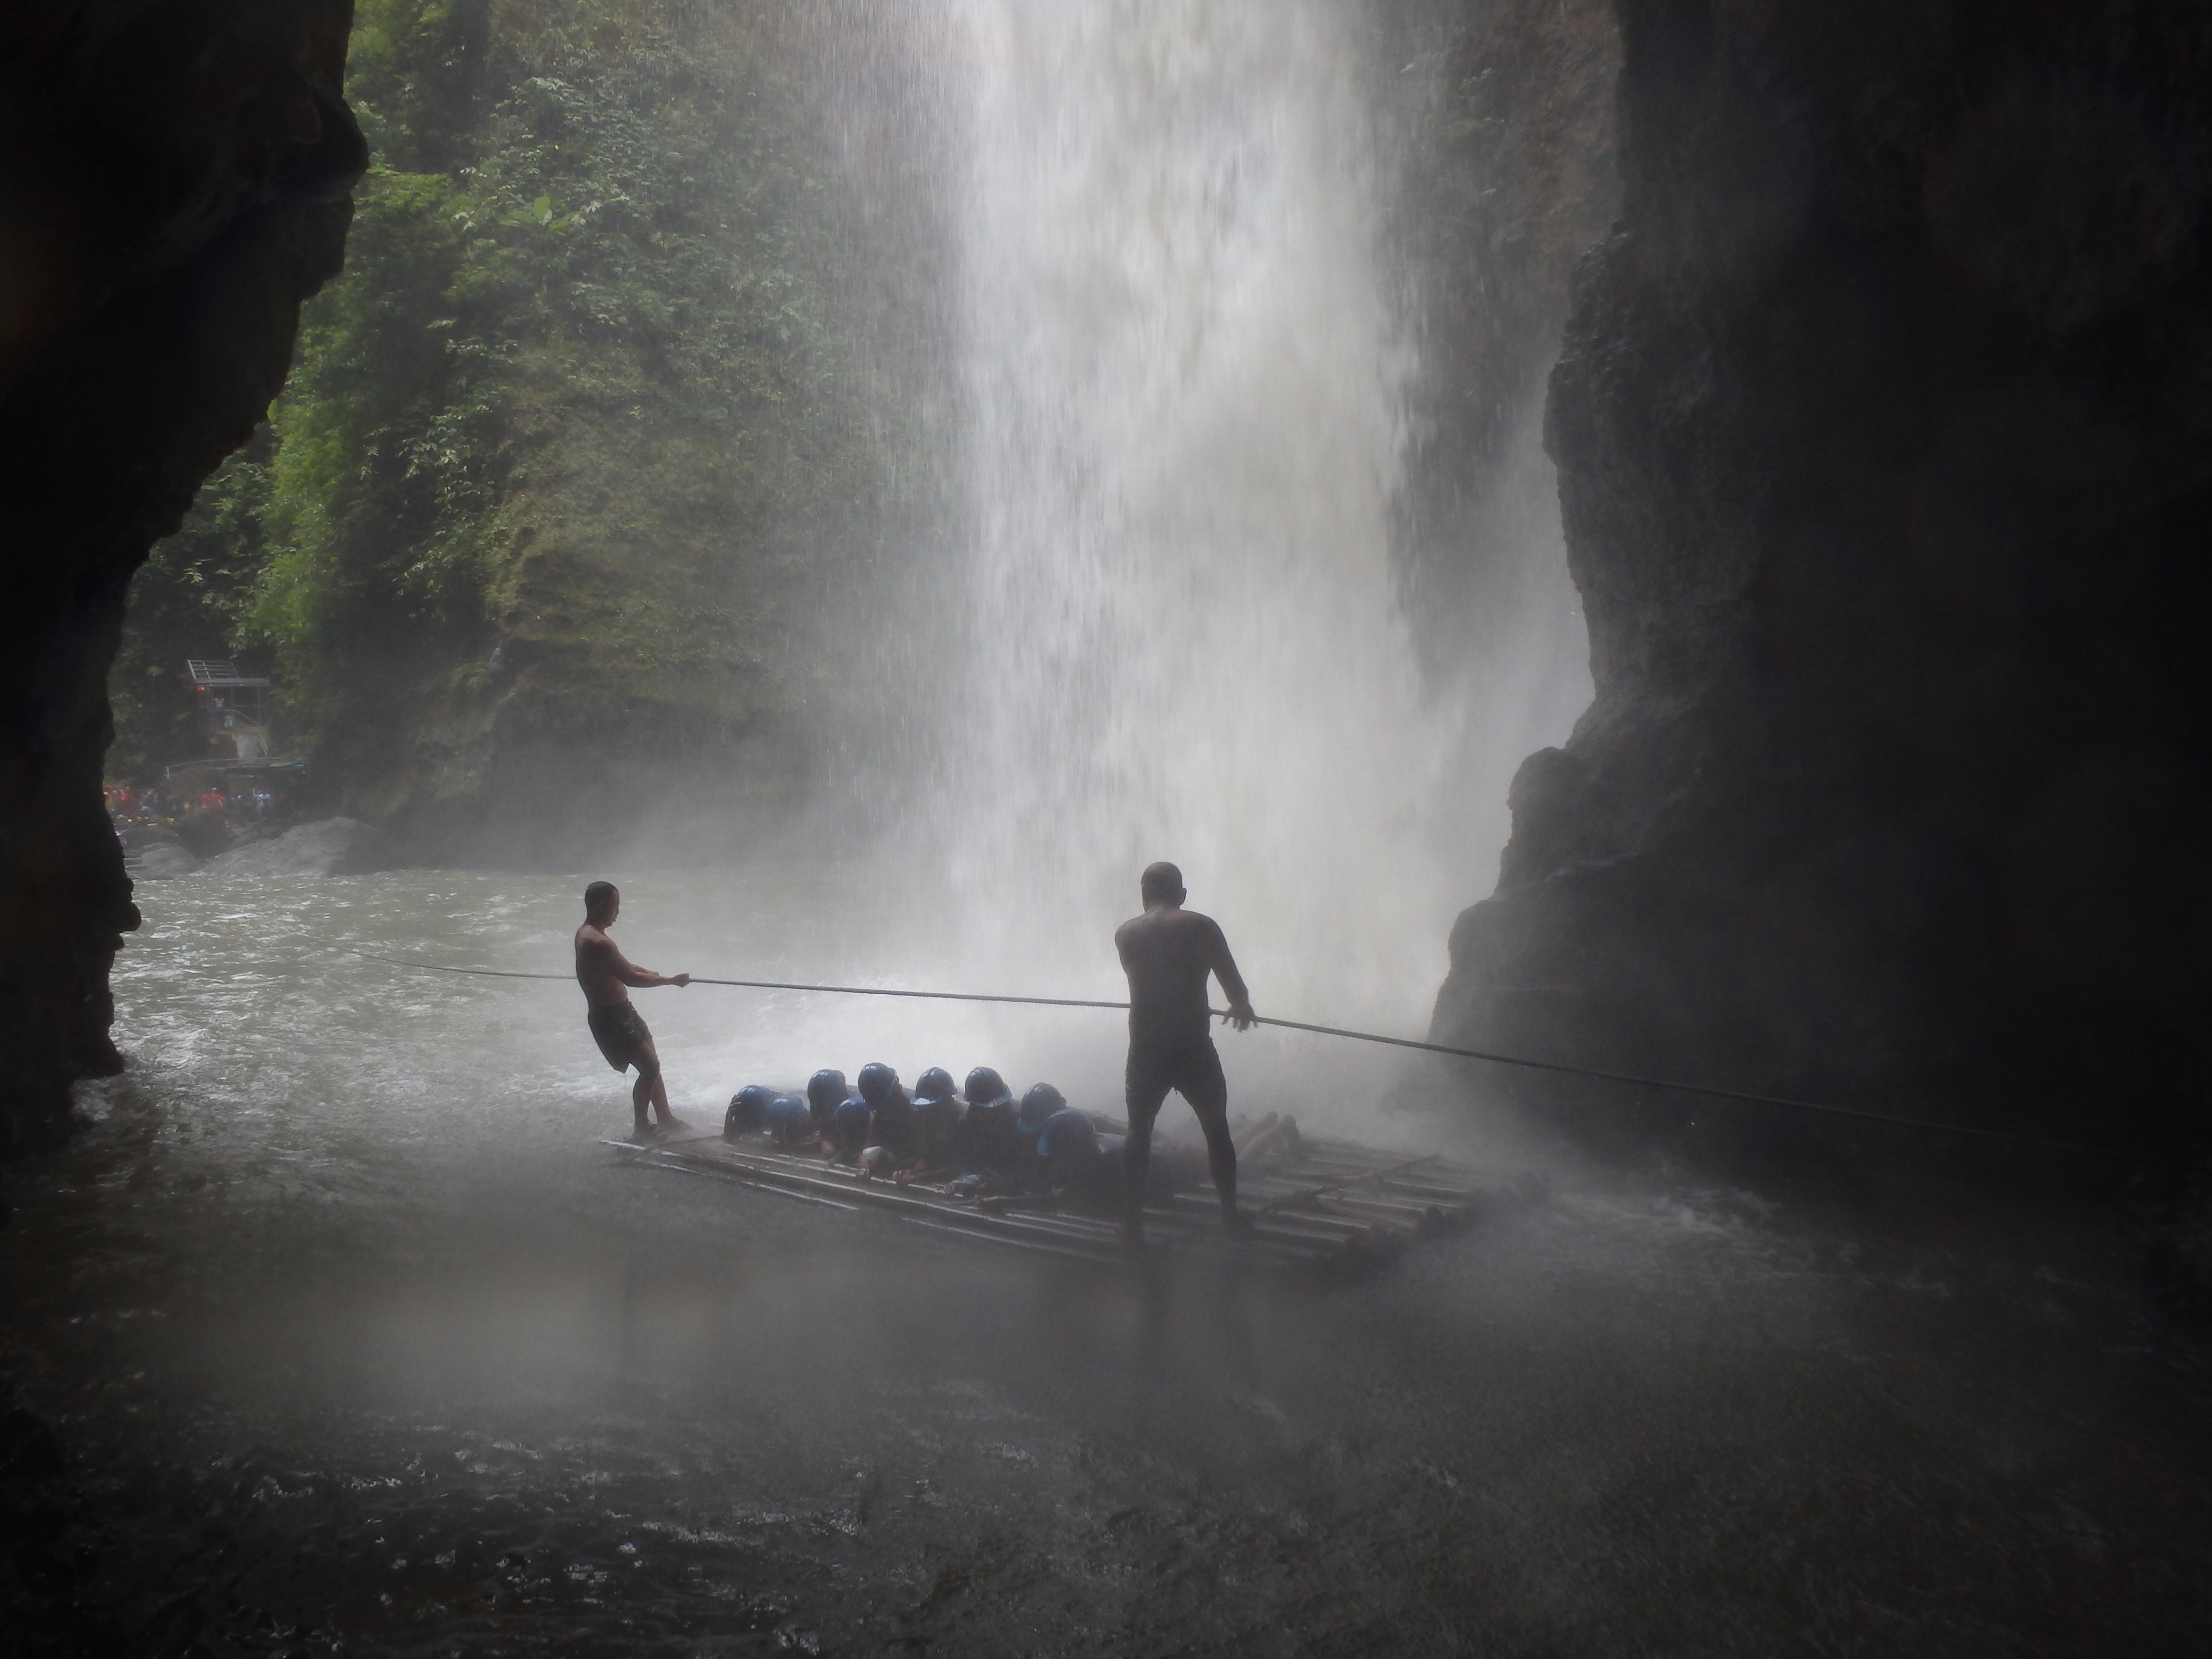 滝の中に突撃:マニラ近郊パグサンハンで川下りと滝行